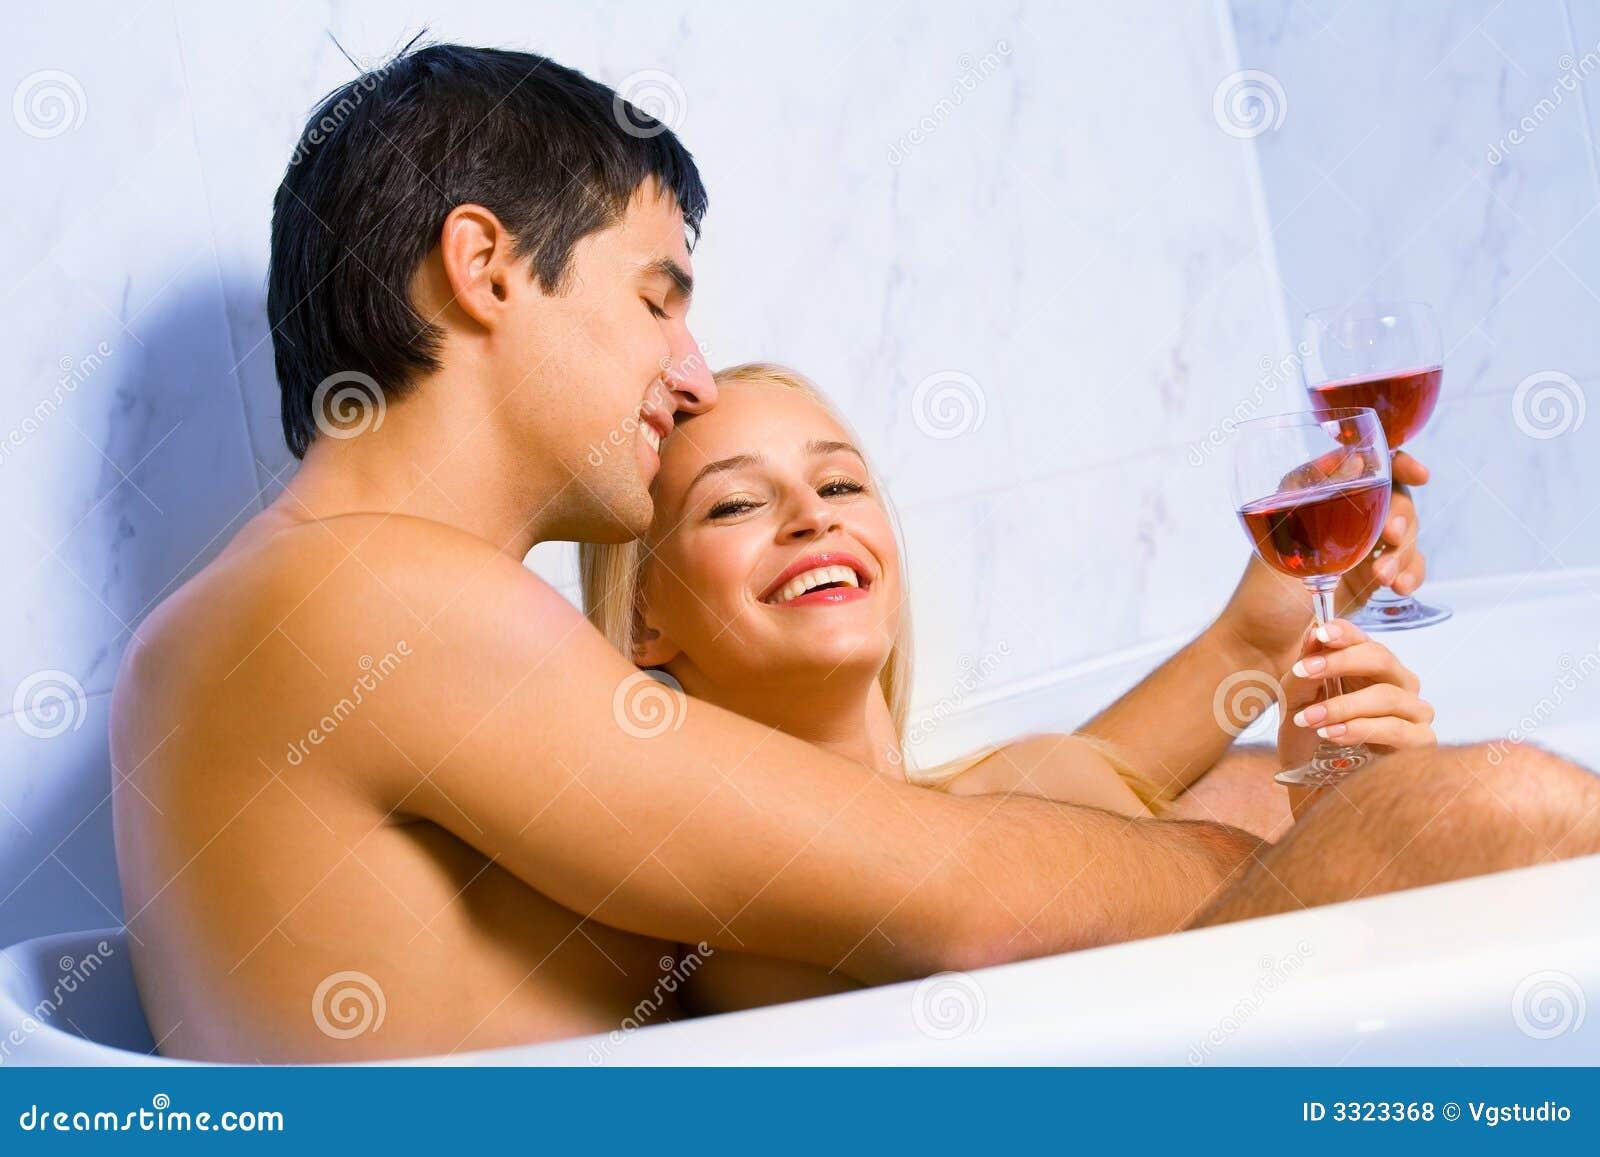 Принимают ванну вместе 9 фотография